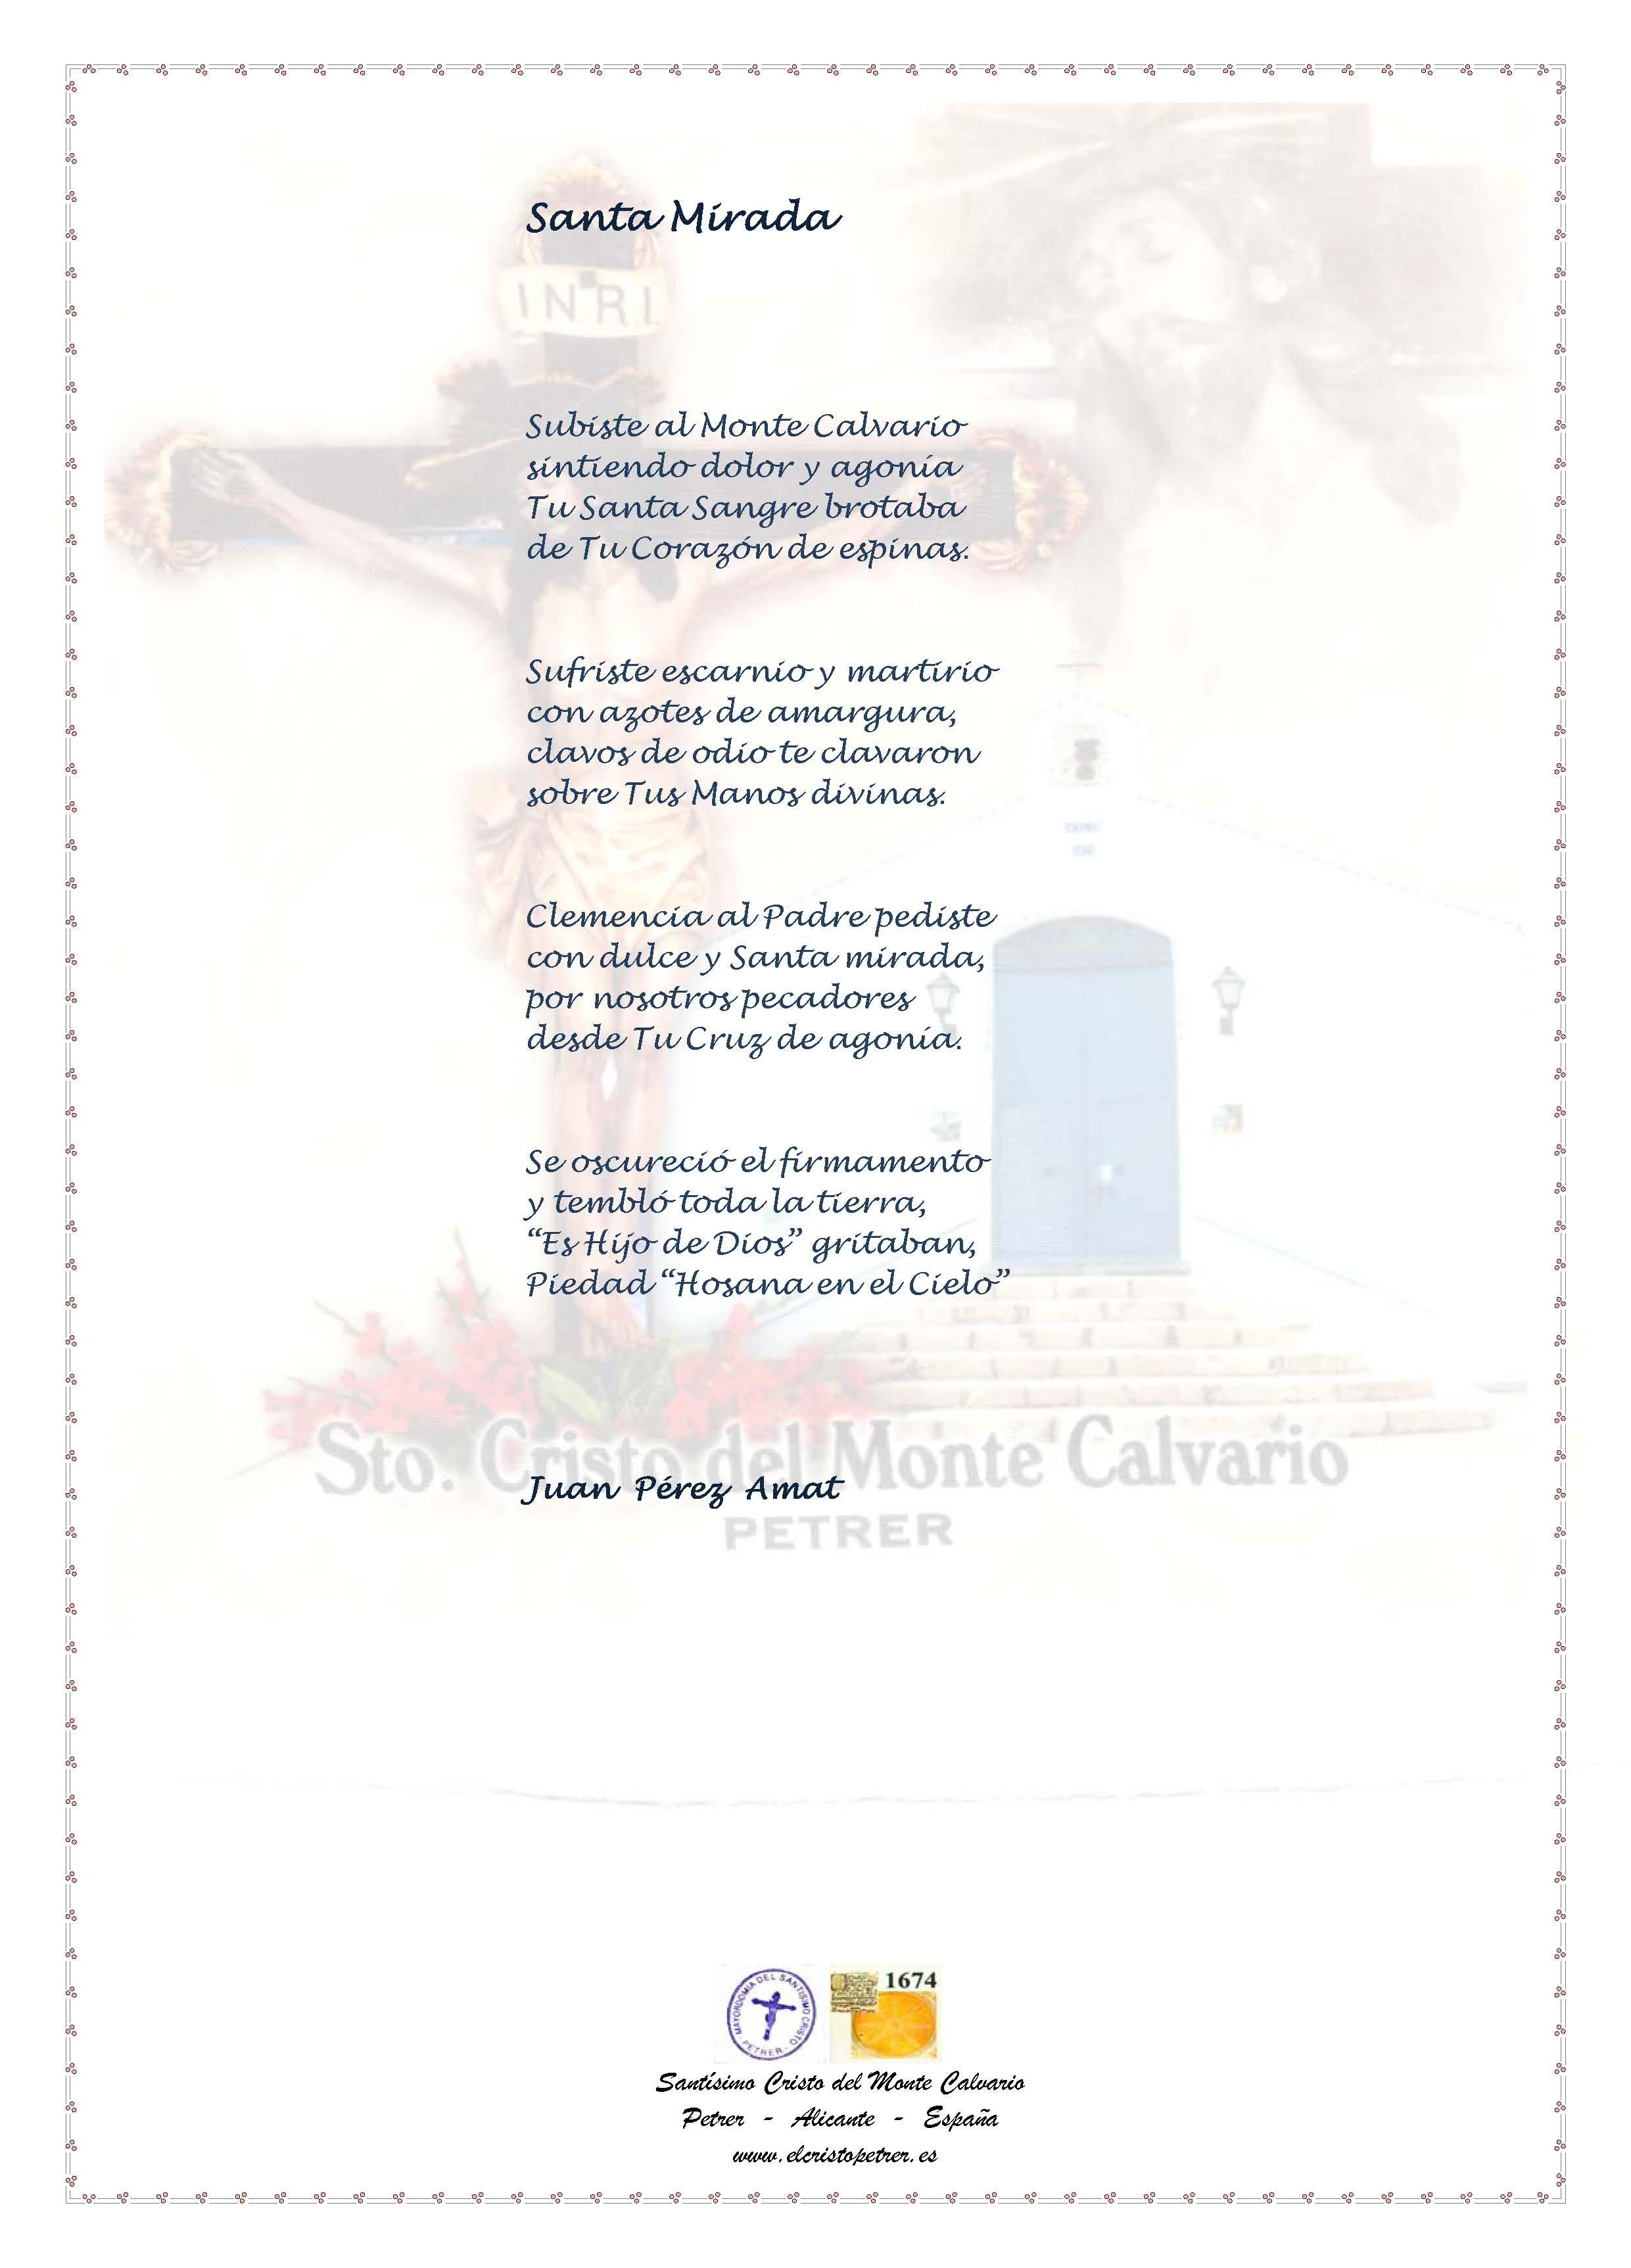 ElCristo - Poesias - Perez, Juan - Revista xxxx - Santa Mirada